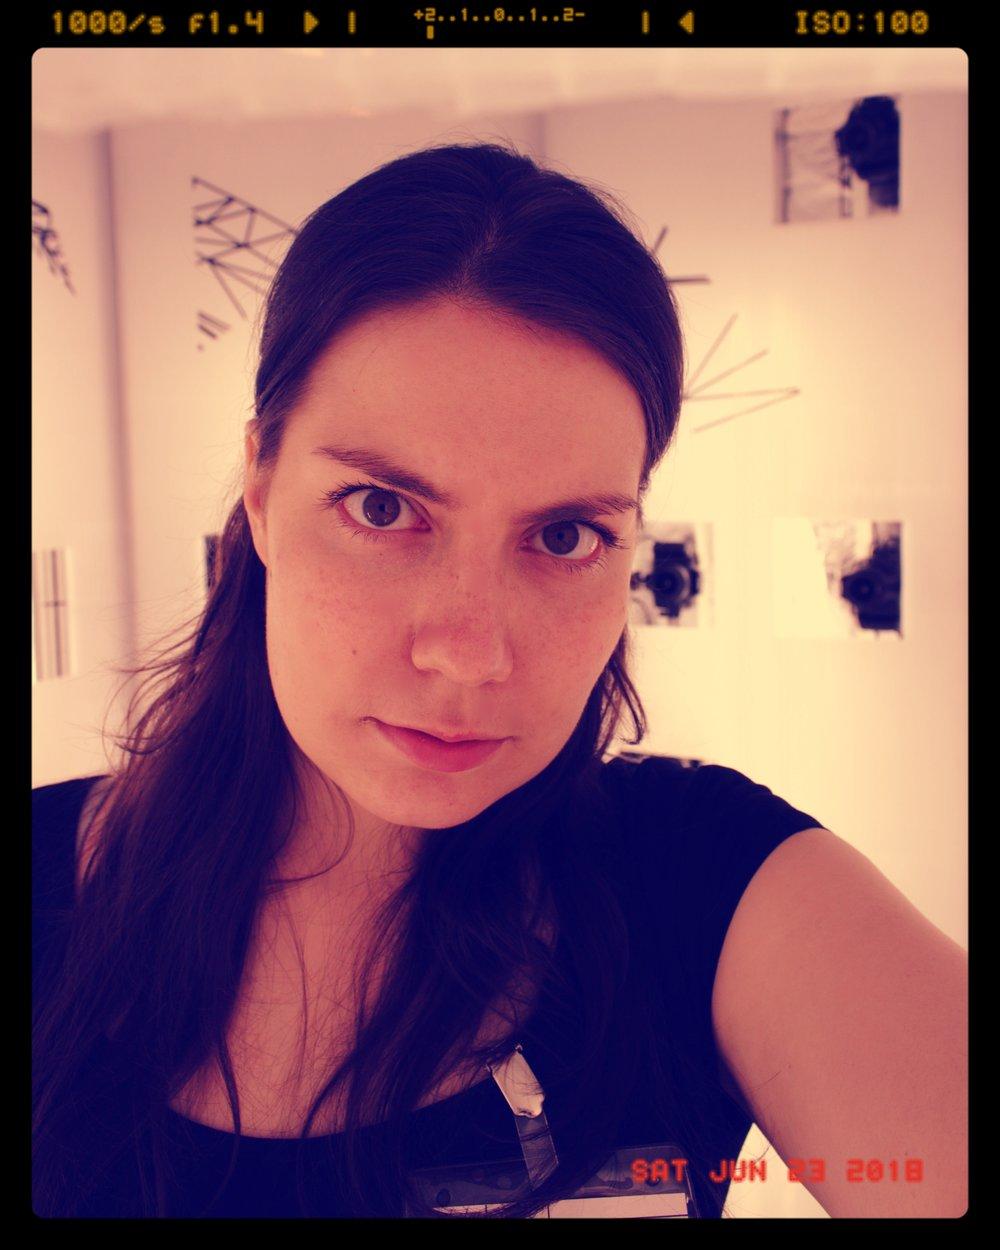 Hanna Grzywnowicz - The 3D Printing Lady